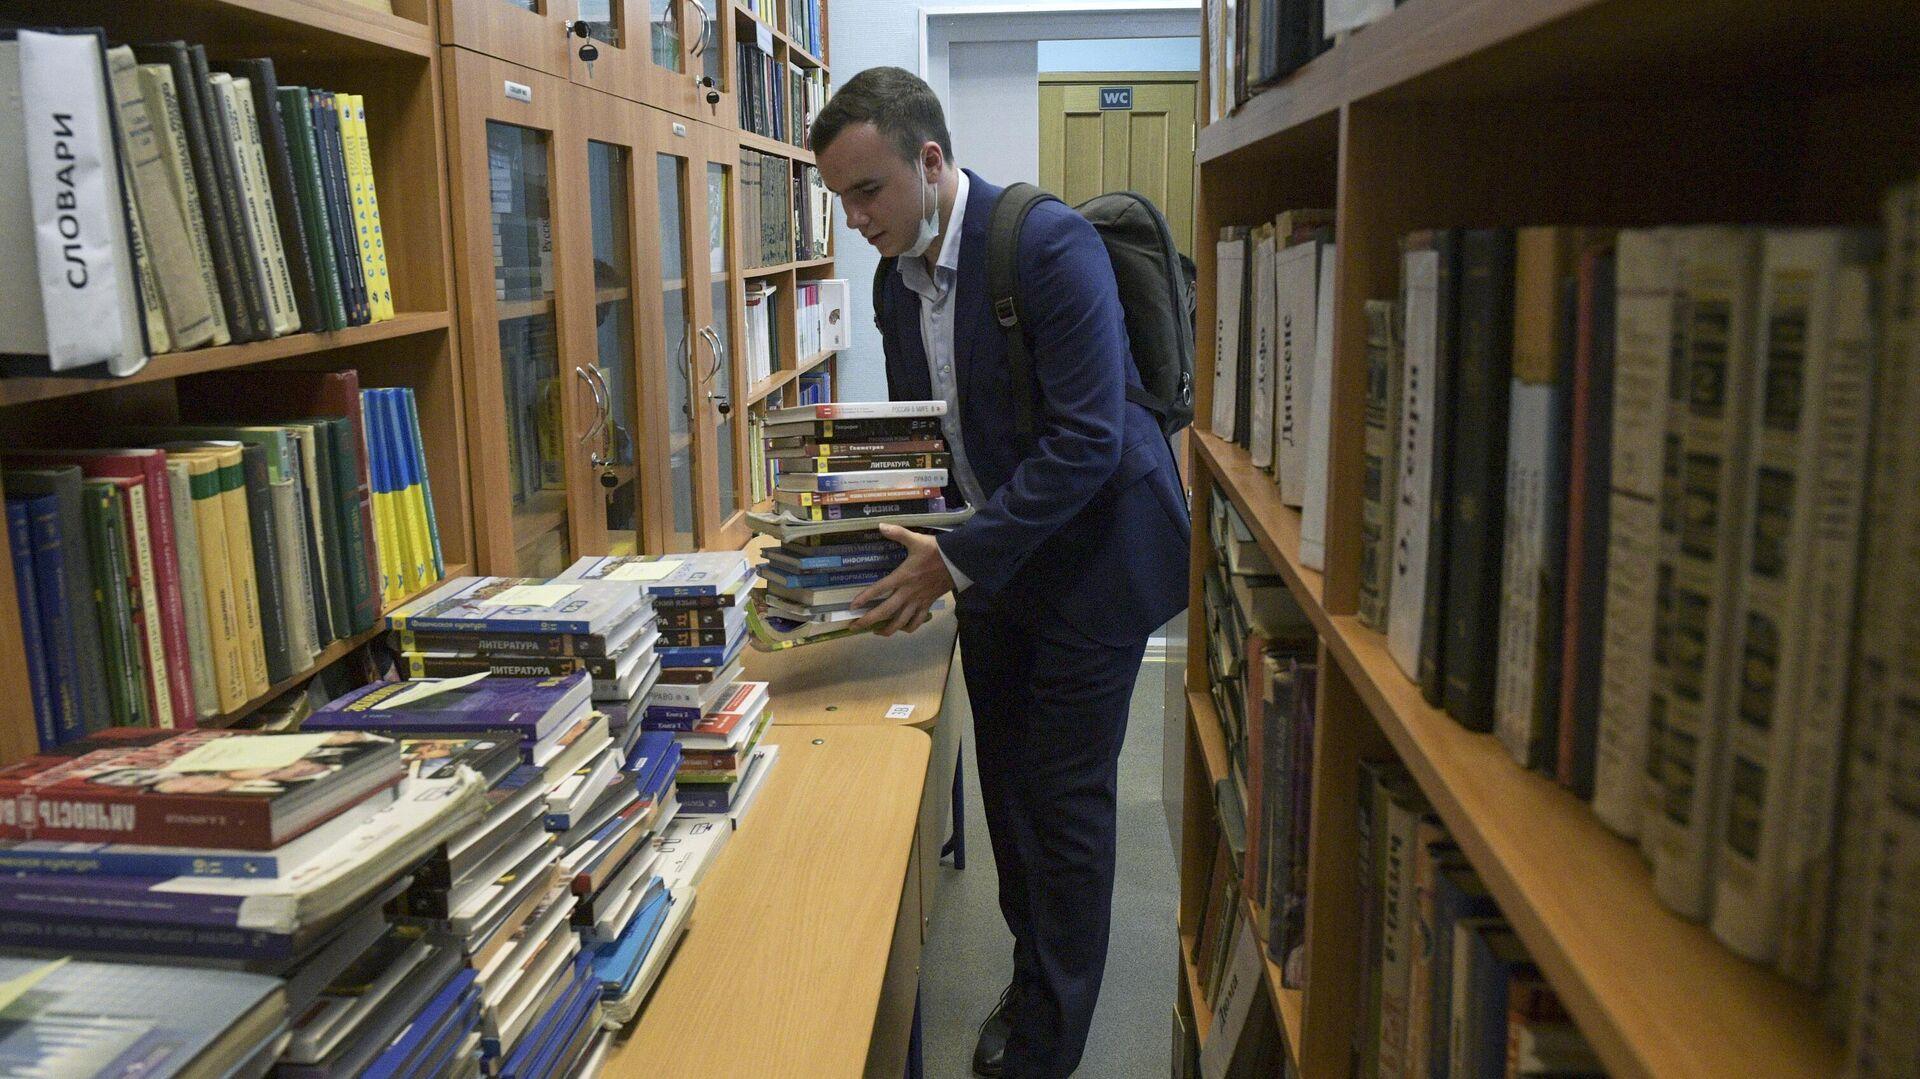 Выпускник школы в библиотеке - РИА Новости, 1920, 27.04.2021